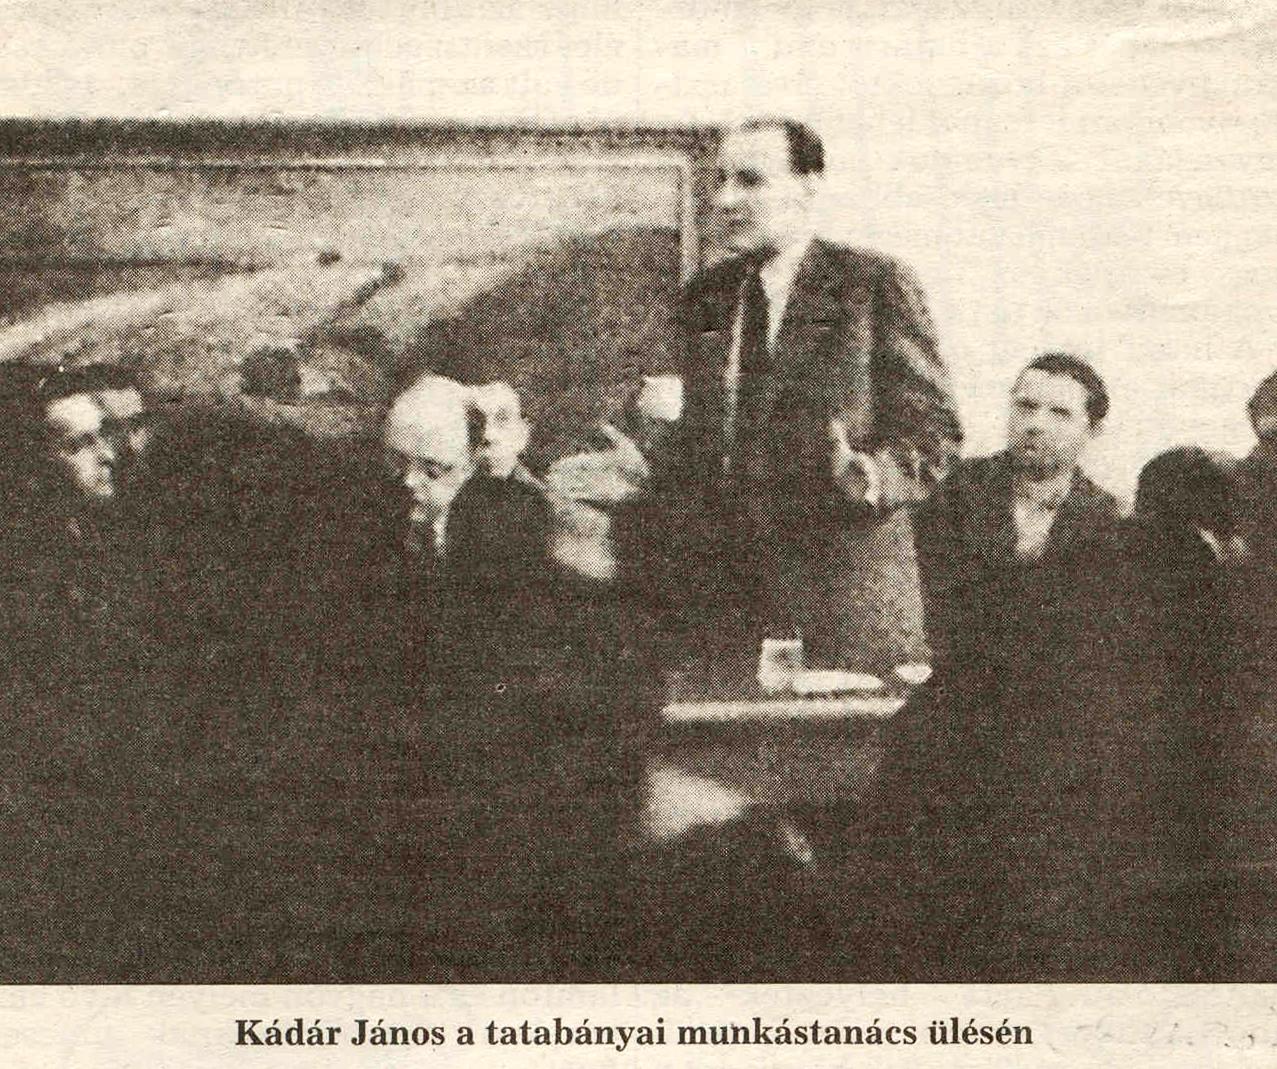 073_kadar_janos_a_tatabanyai_munkas_tanacs_ulesen_november_30.jpg